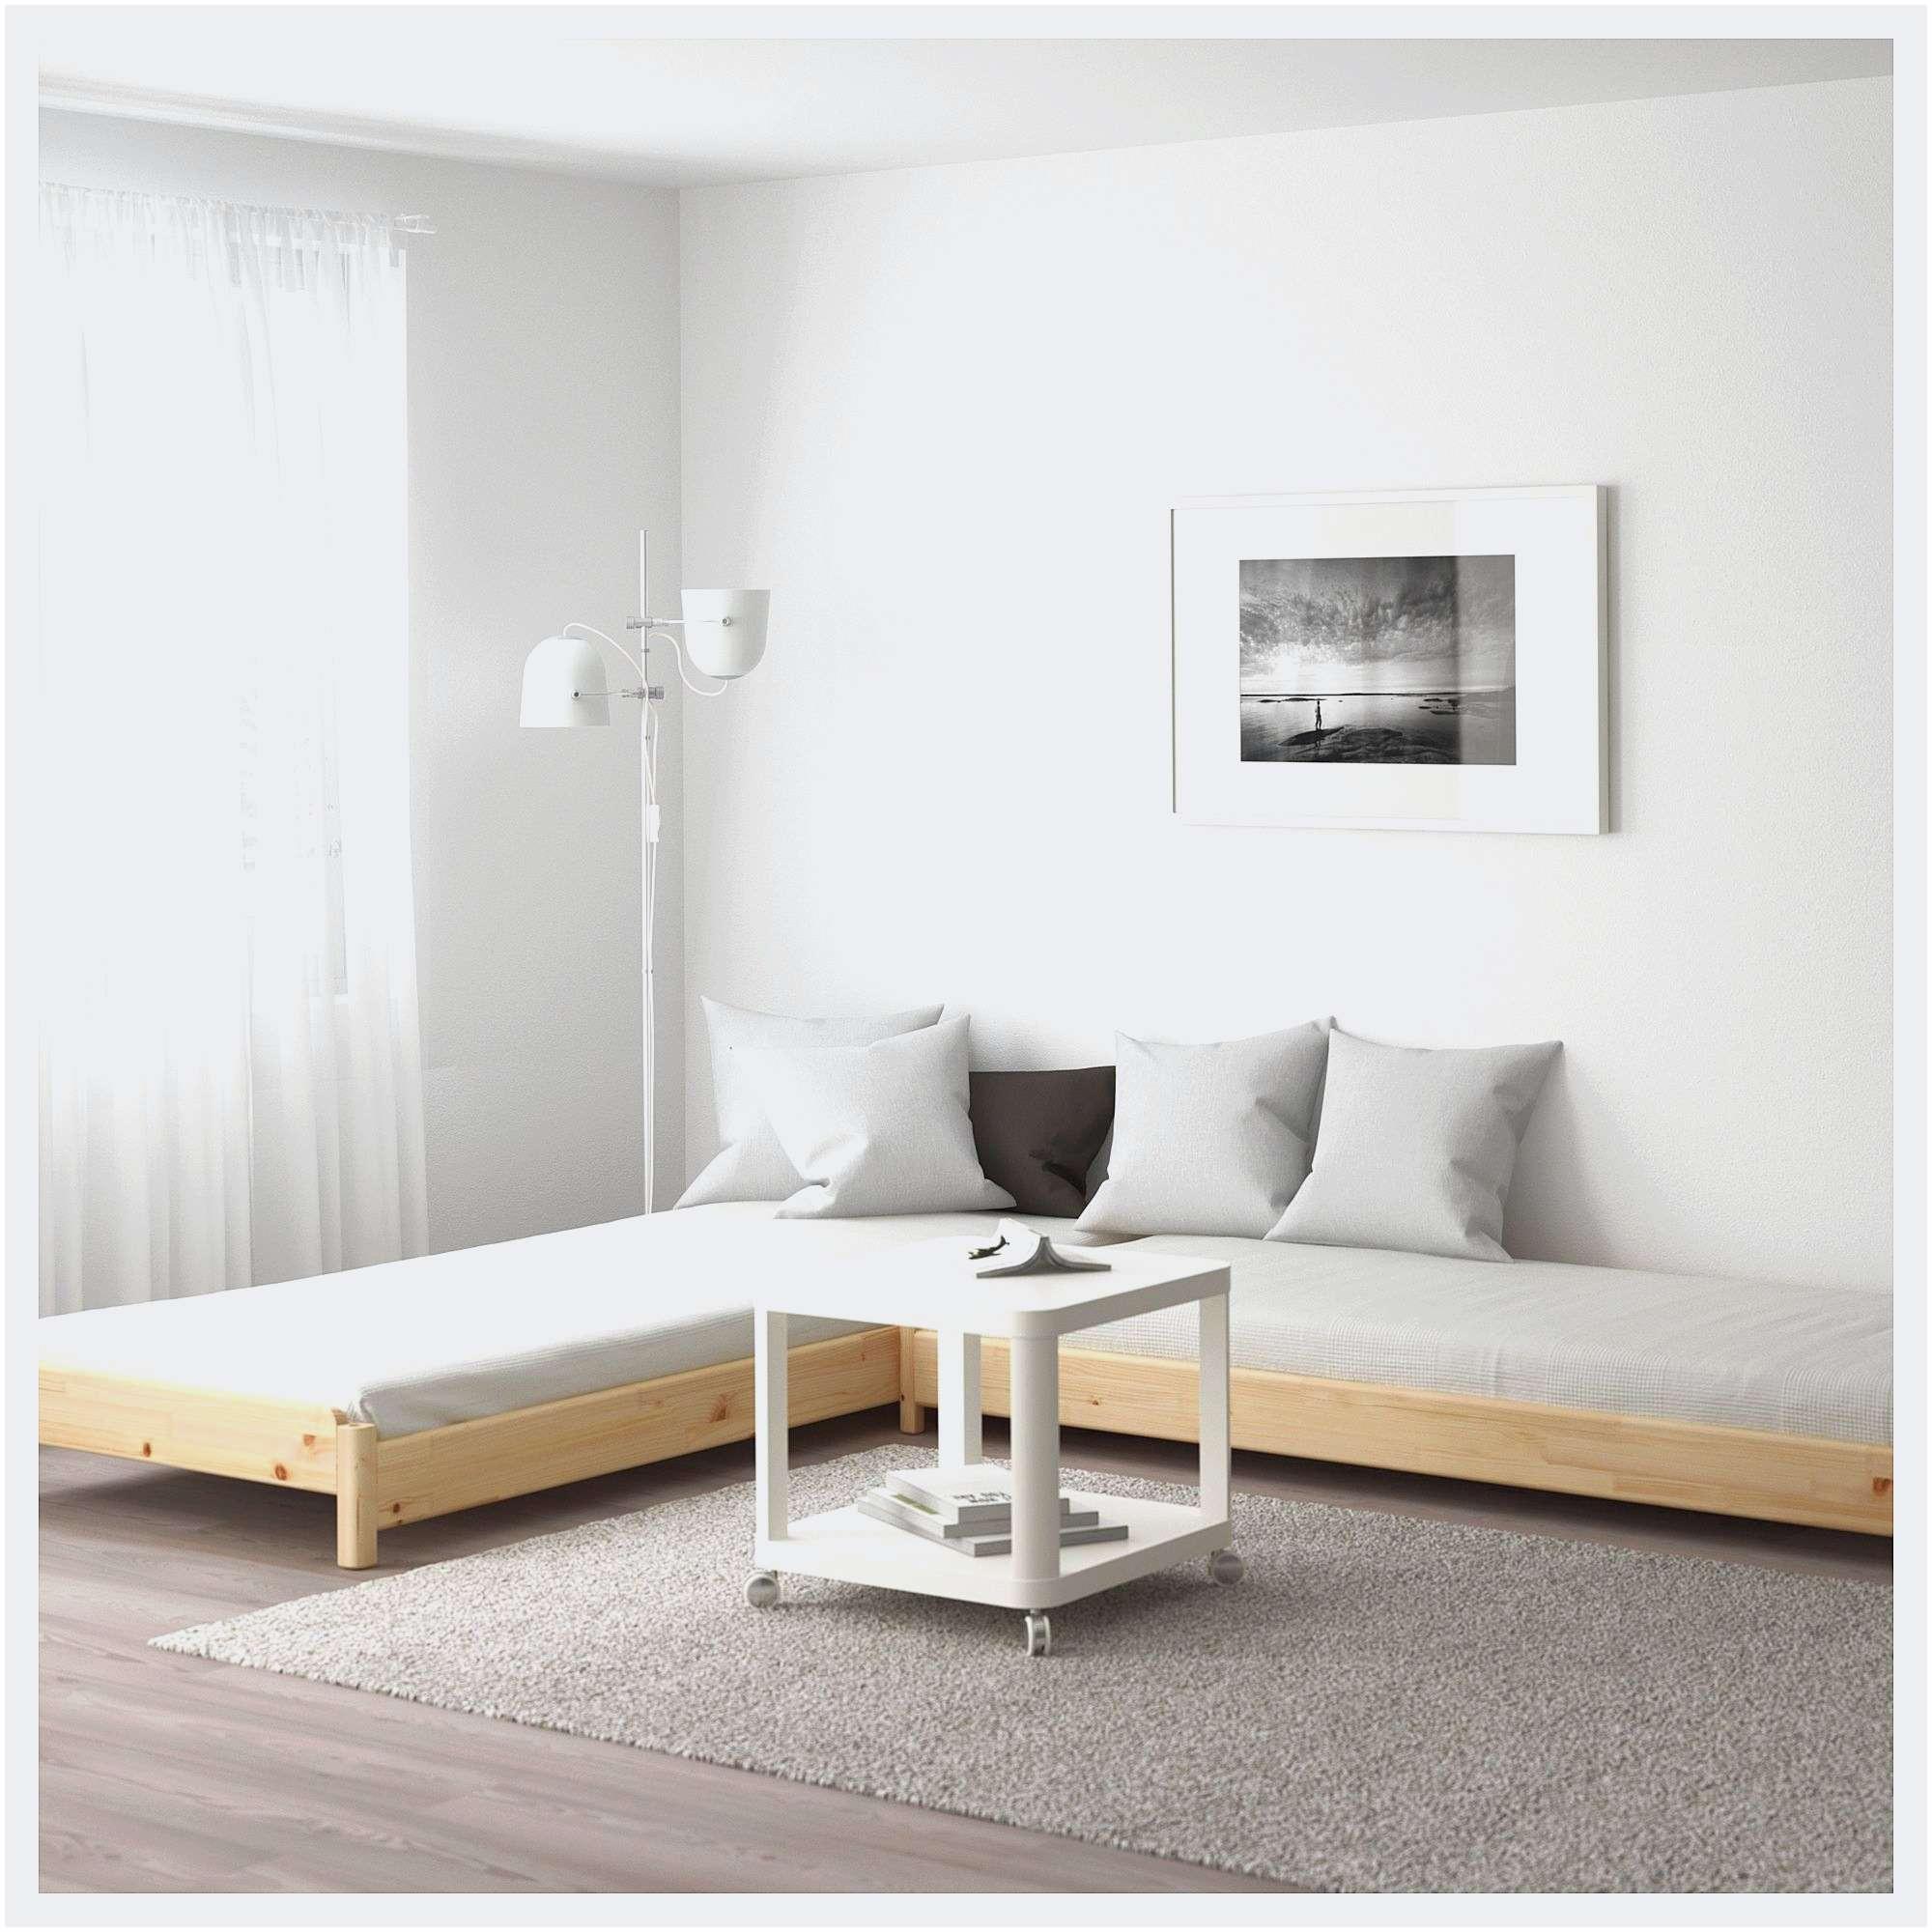 alinea canape convertible ikea couch luxus matratzen test ikea neu matratzen 140 200 0d ahmktygs galerie ikea frais ikea couch inspirierend canape ikea angle convertible canape d angle pour